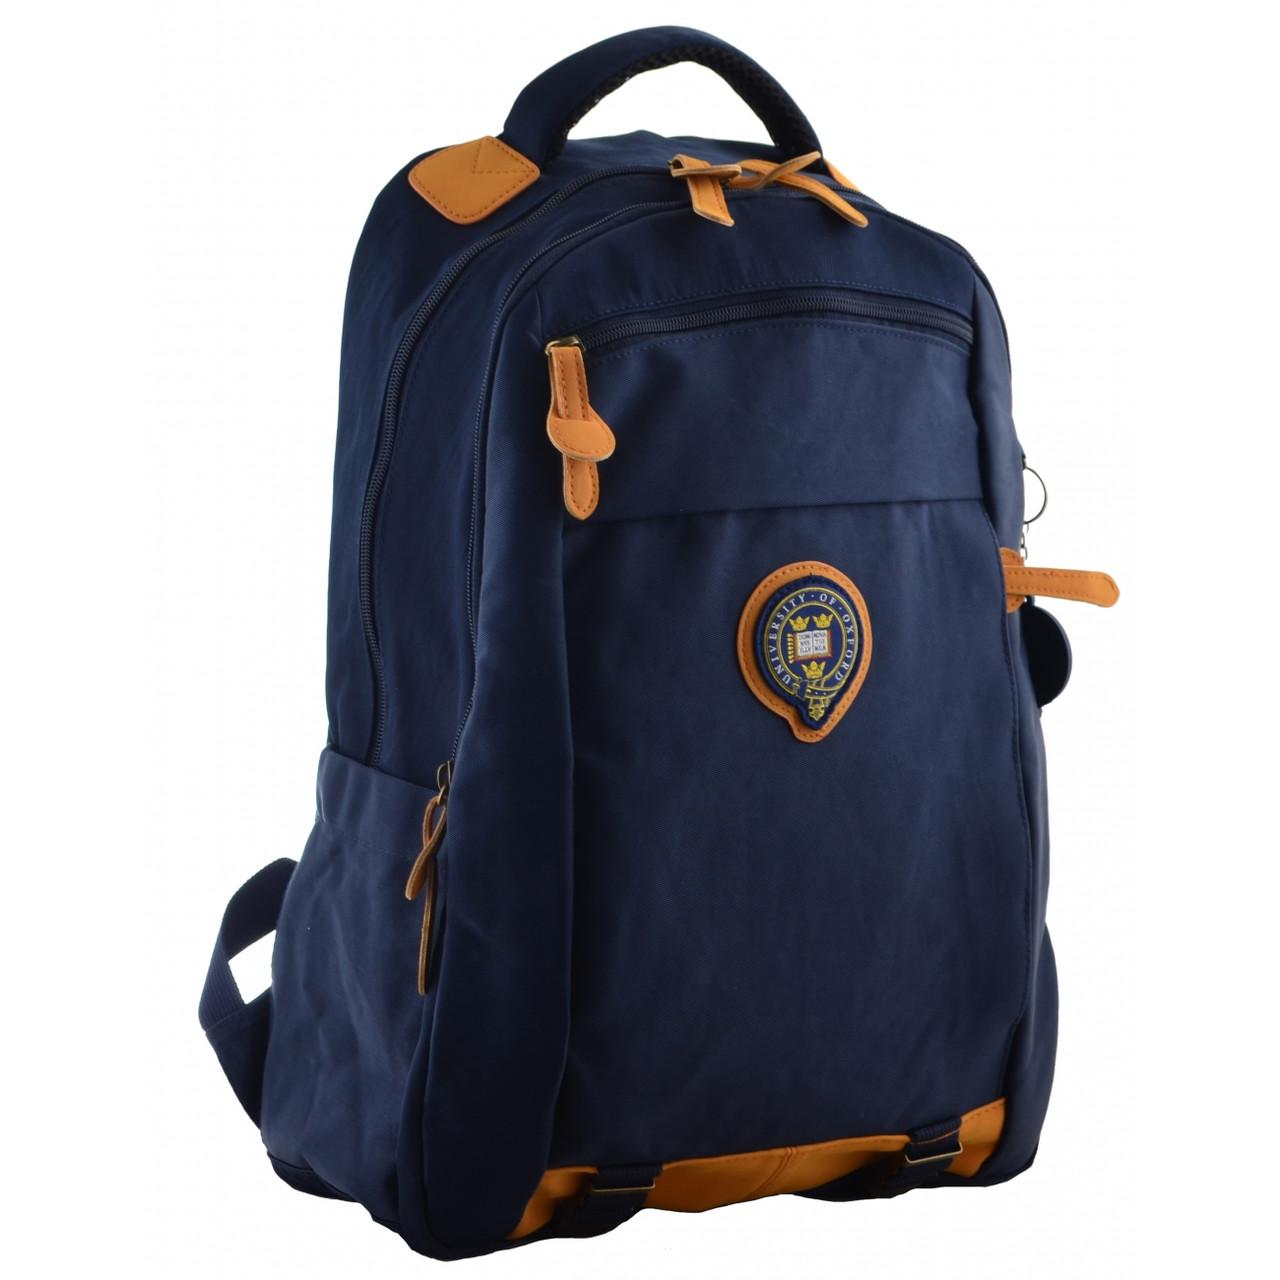 Рюкзак молодежный OX 349, 46*29.5*13, синий